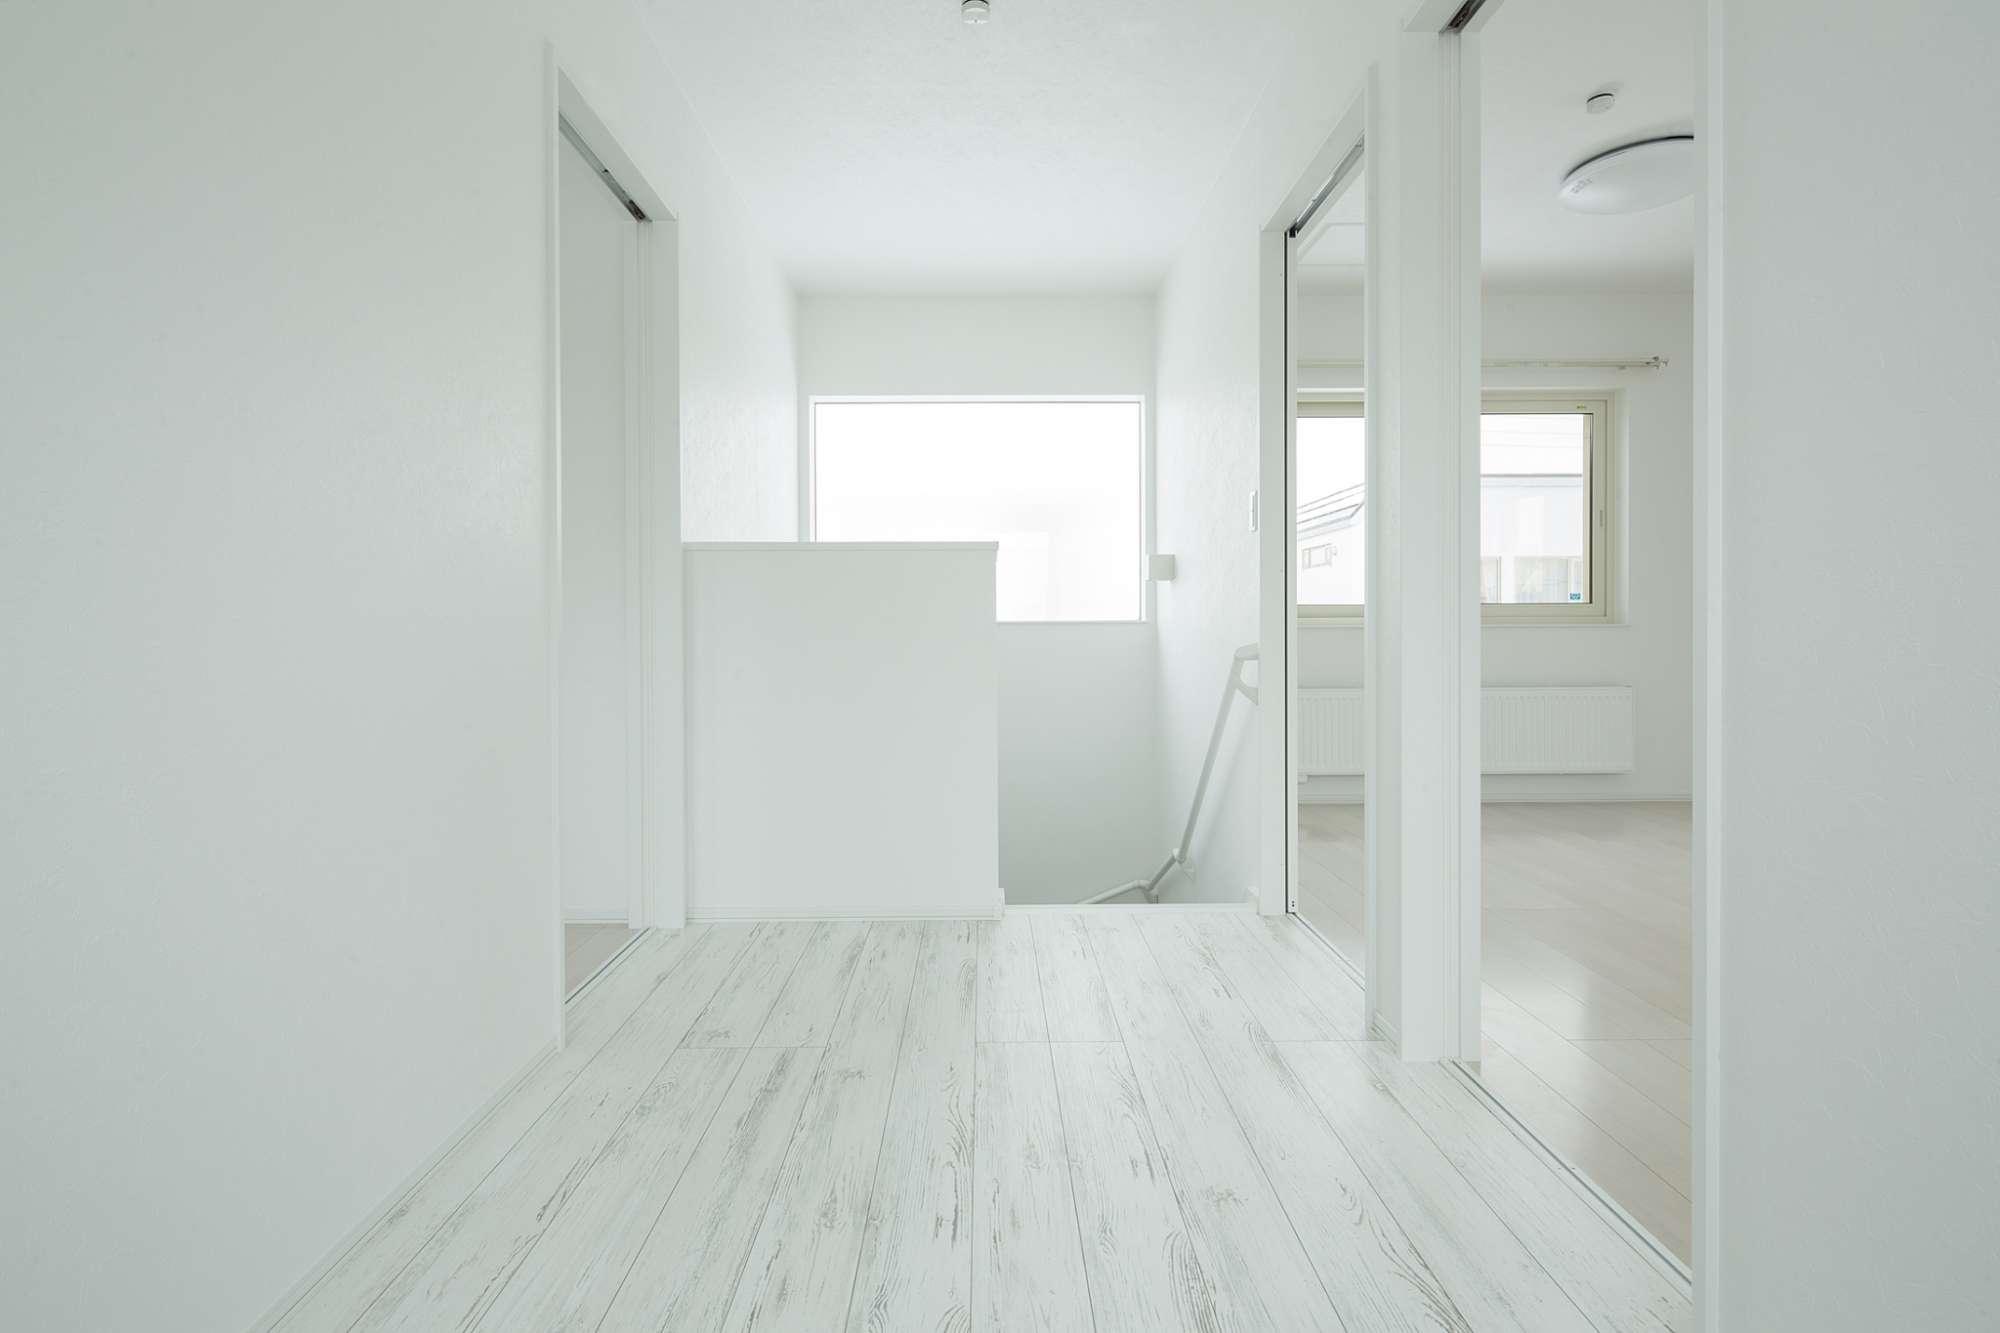 2階は部屋の前にフリースペースをプラン -  -  -